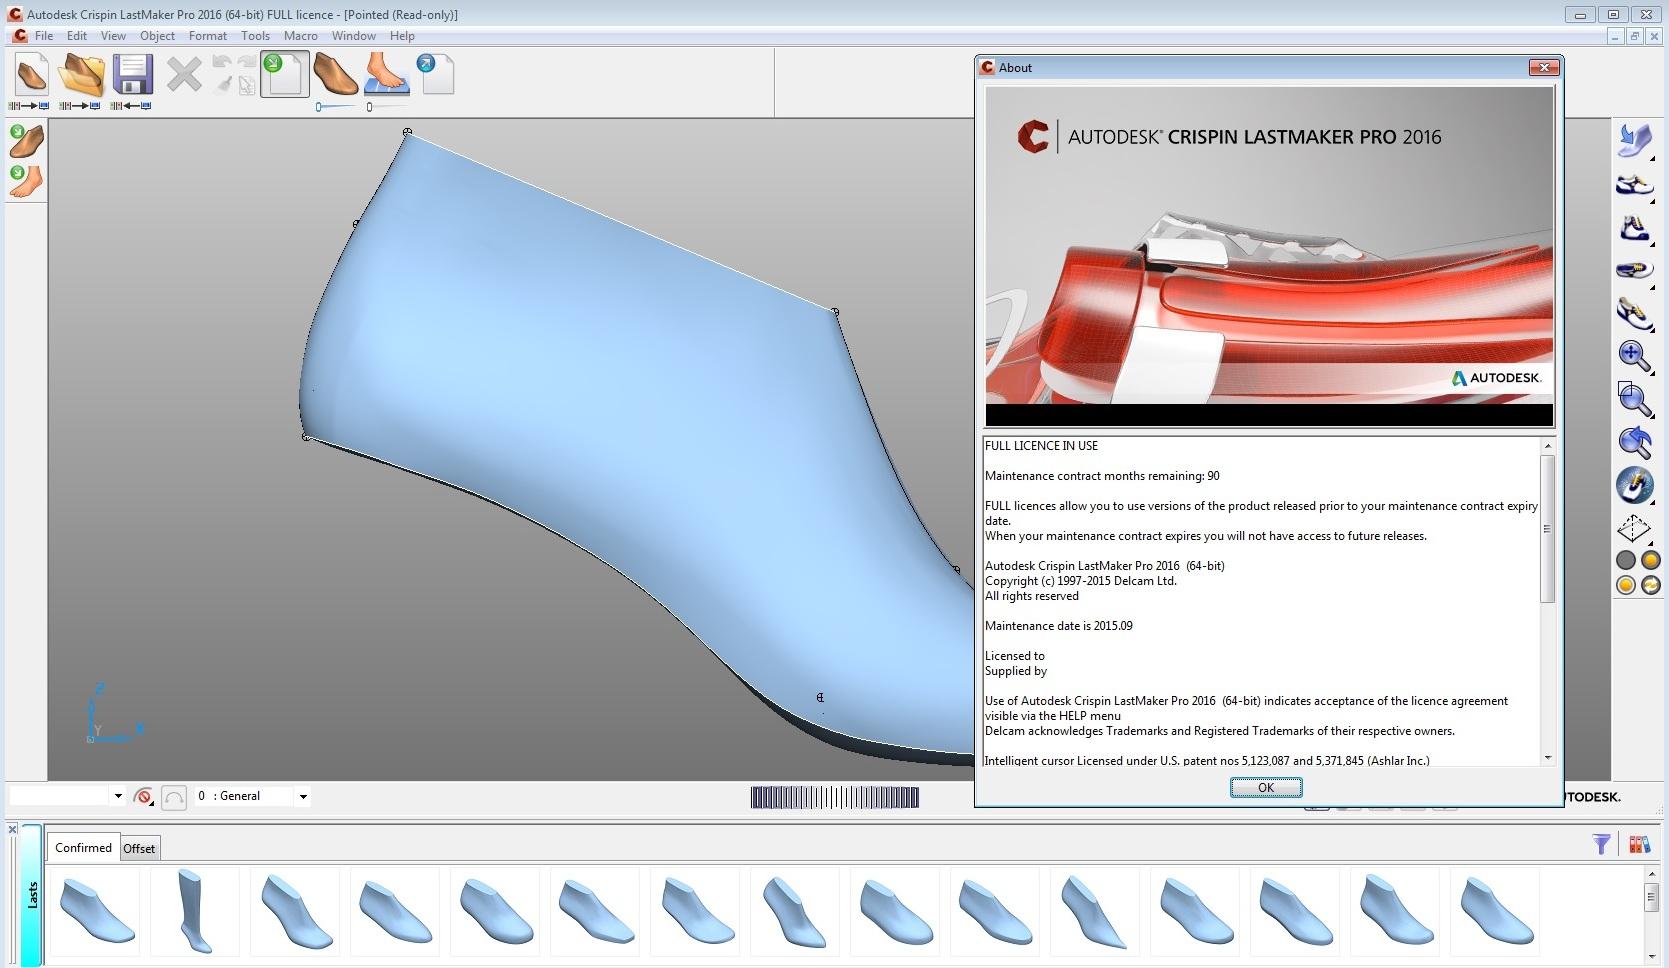 Design with Autodesk Crispin LastMaker 2016 R1 full